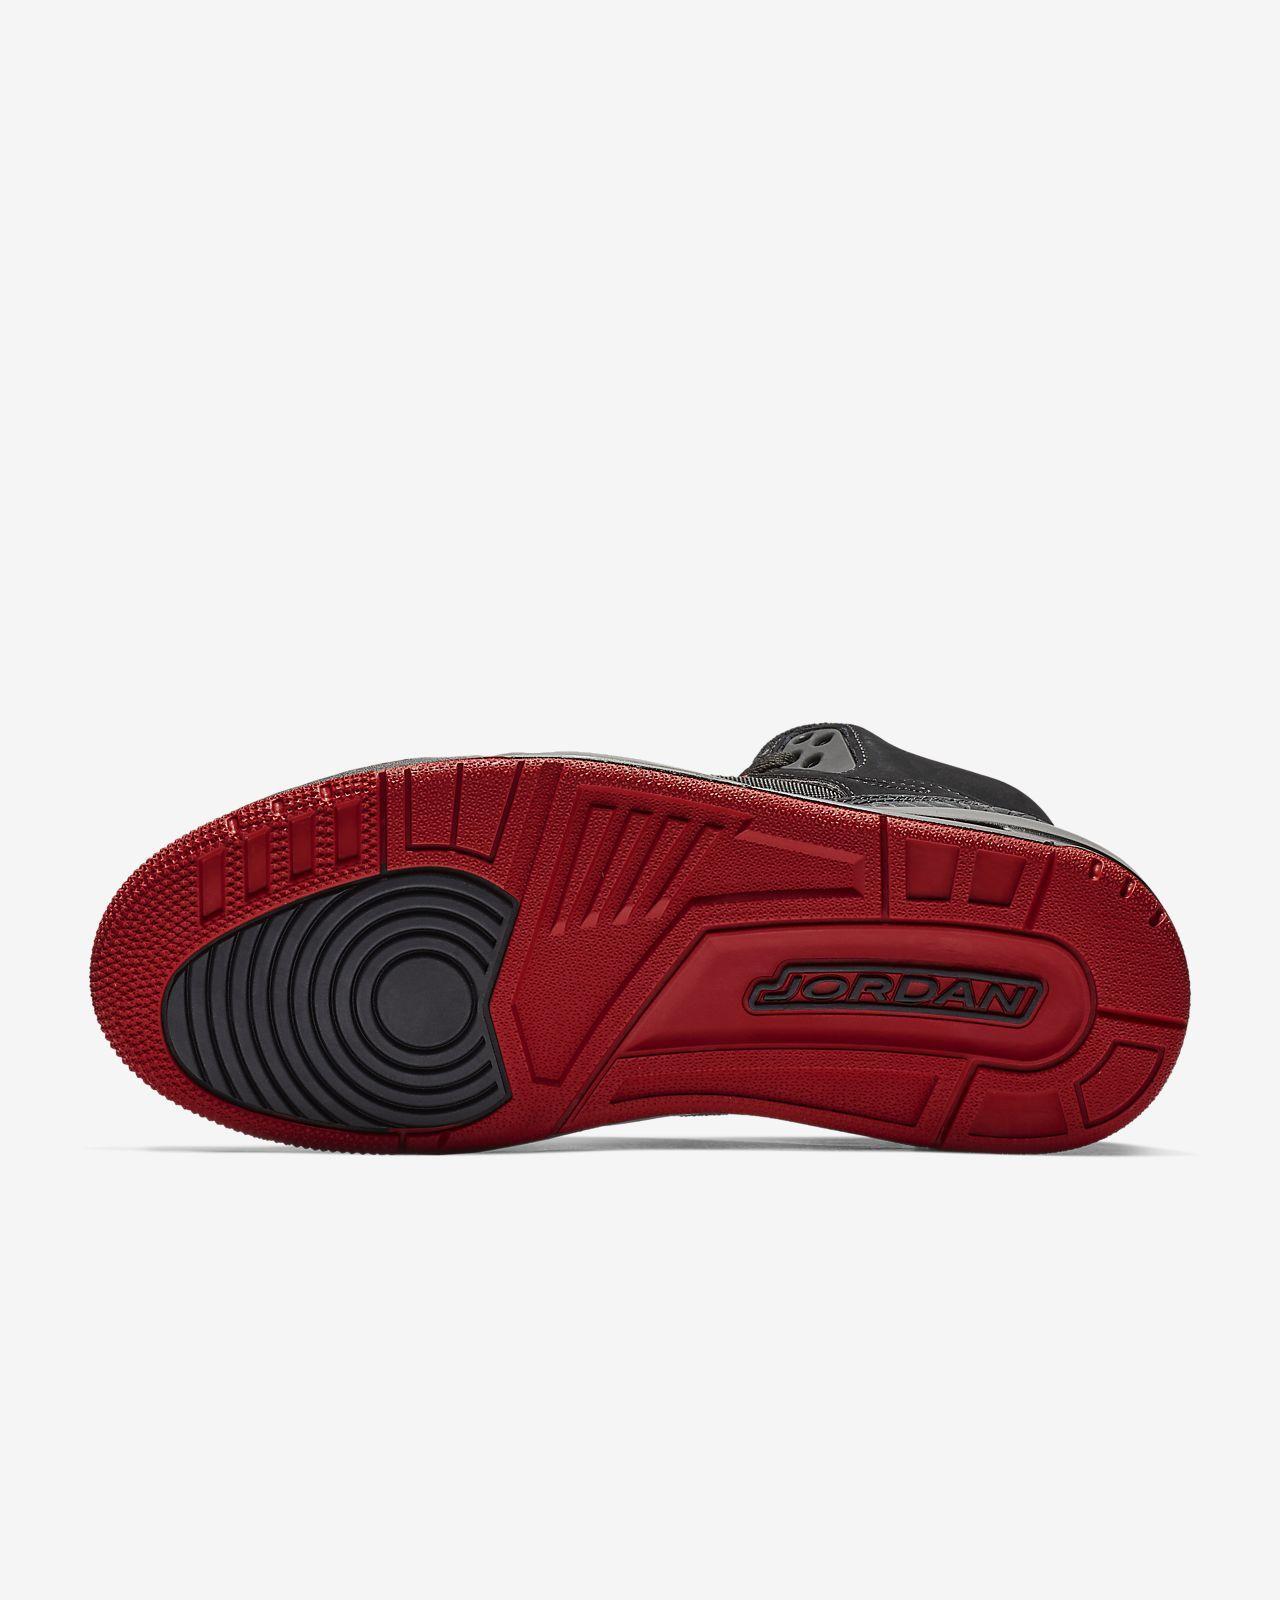 Low Resolution Jordan Spizike Men s Shoe Jordan Spizike Men s Shoe 92d54d3c3